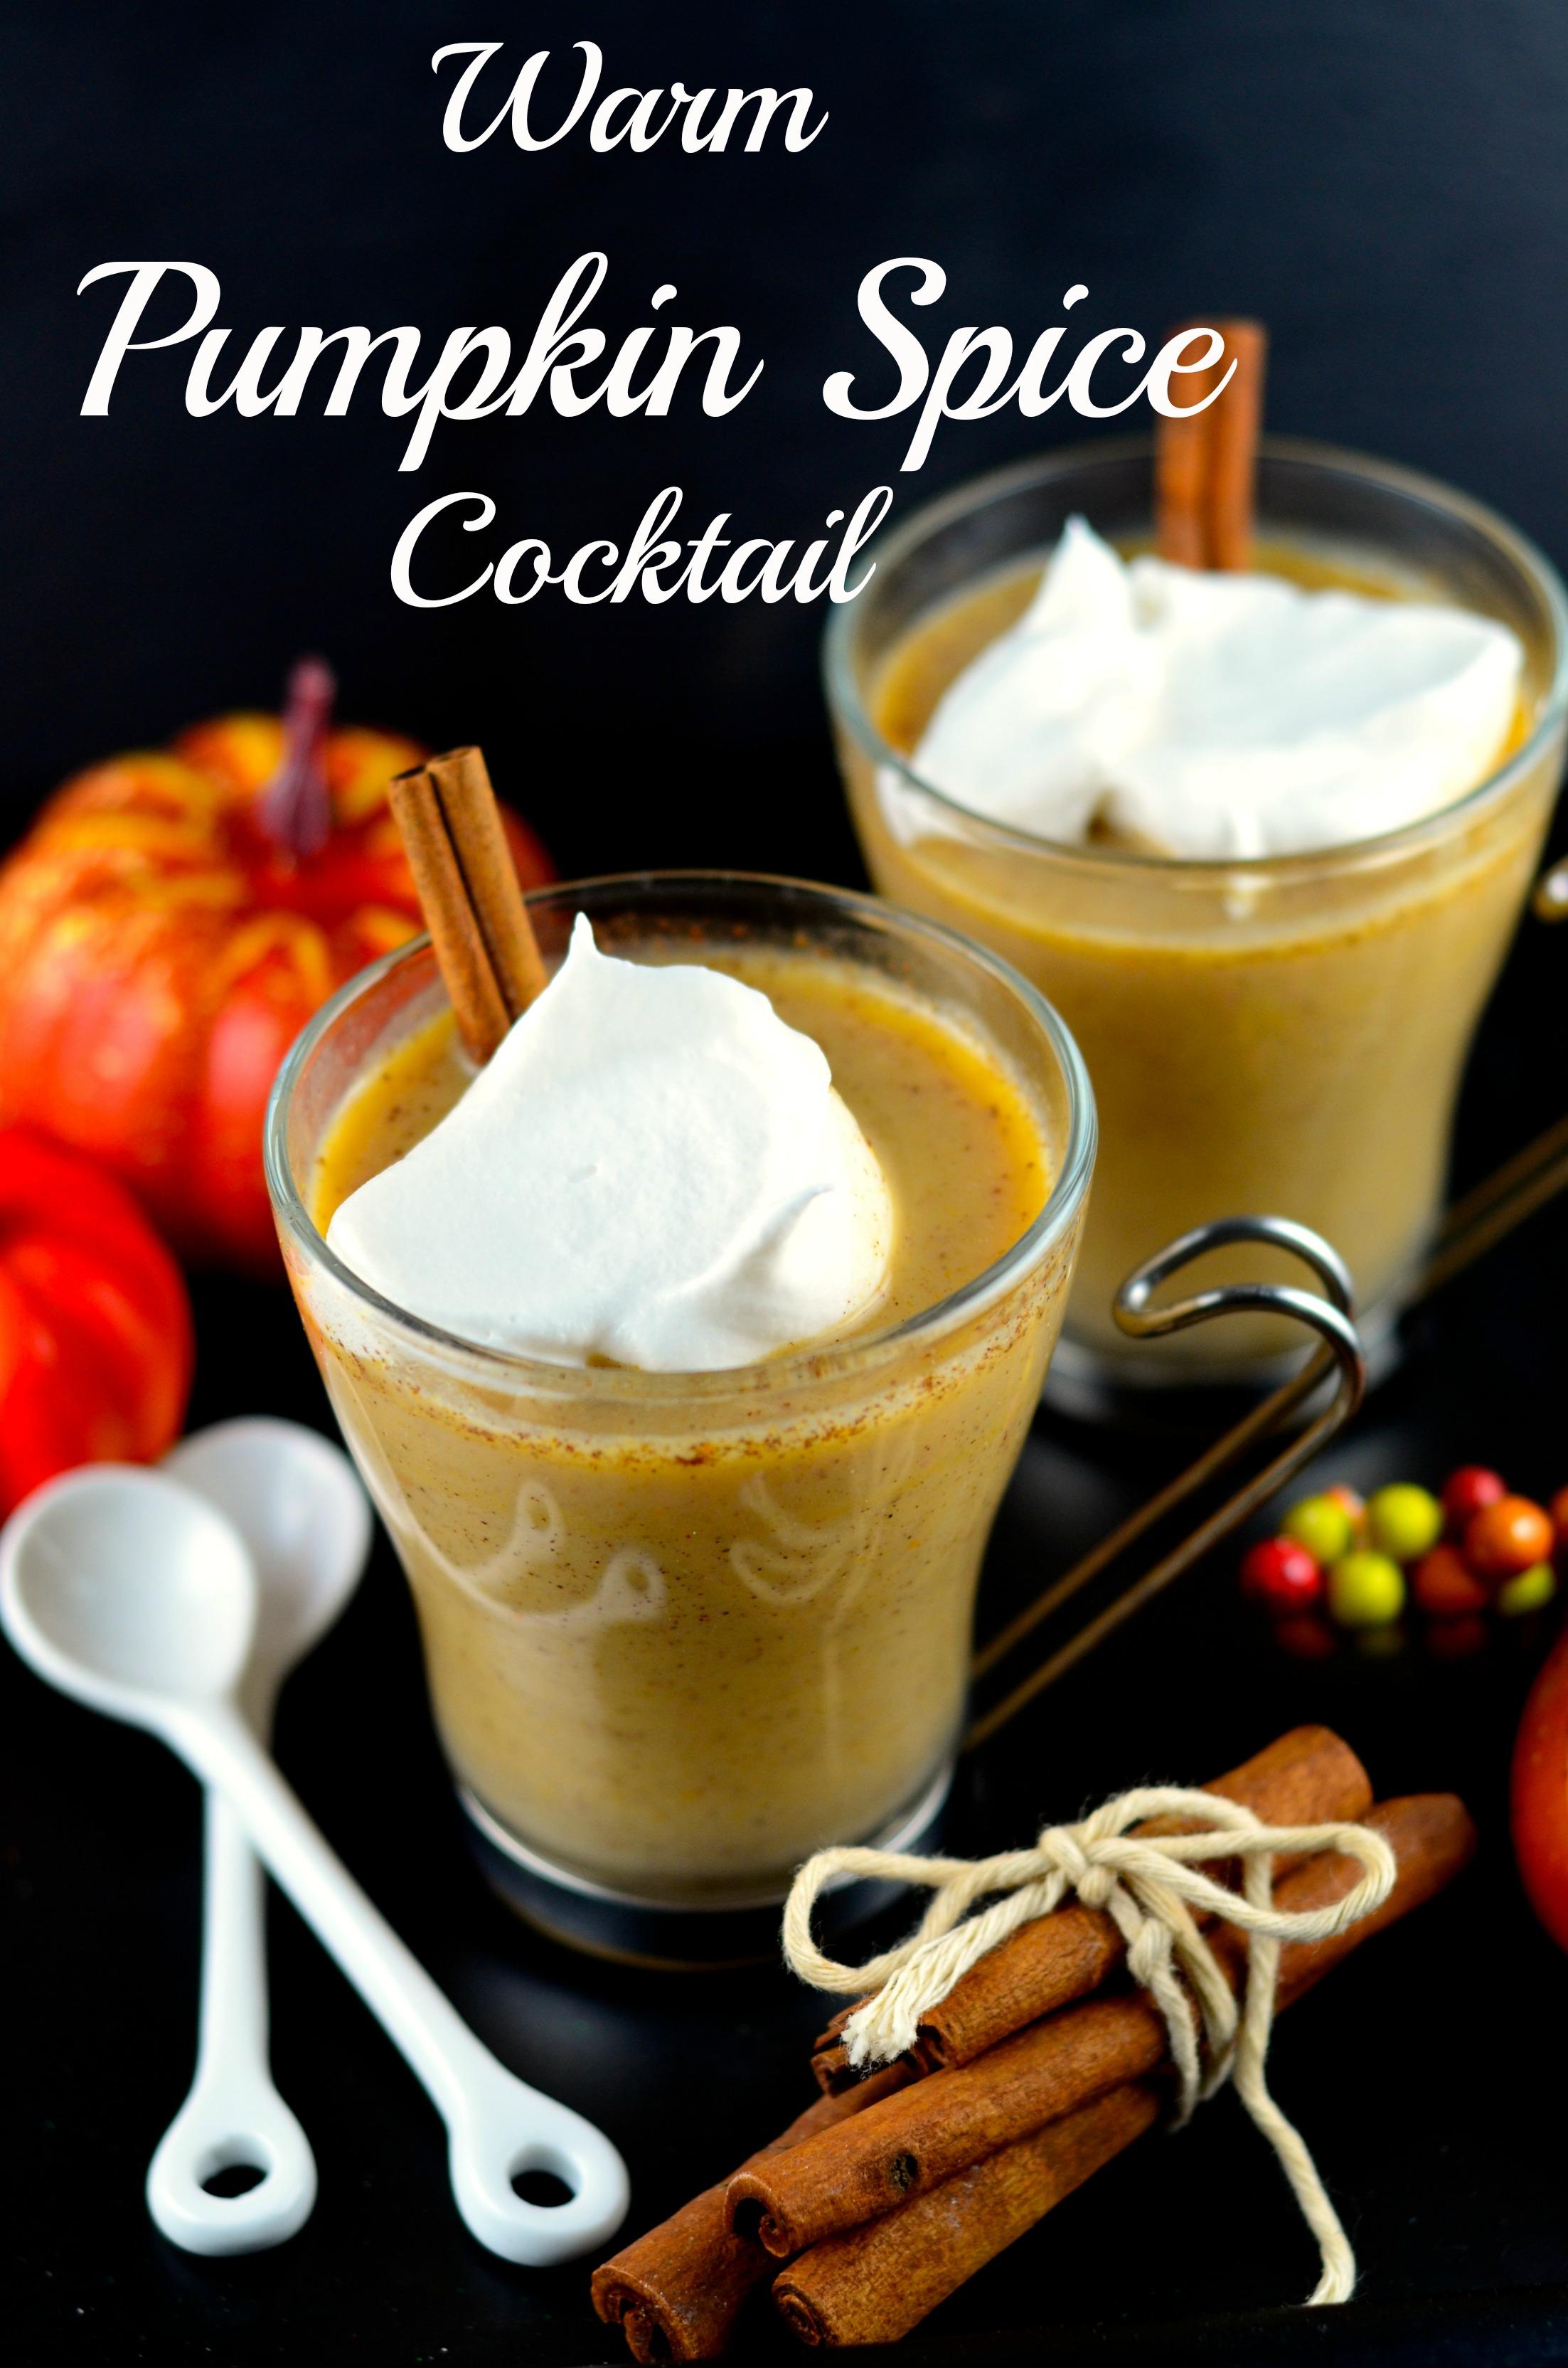 Warm Pumpkin Spice Cocktail